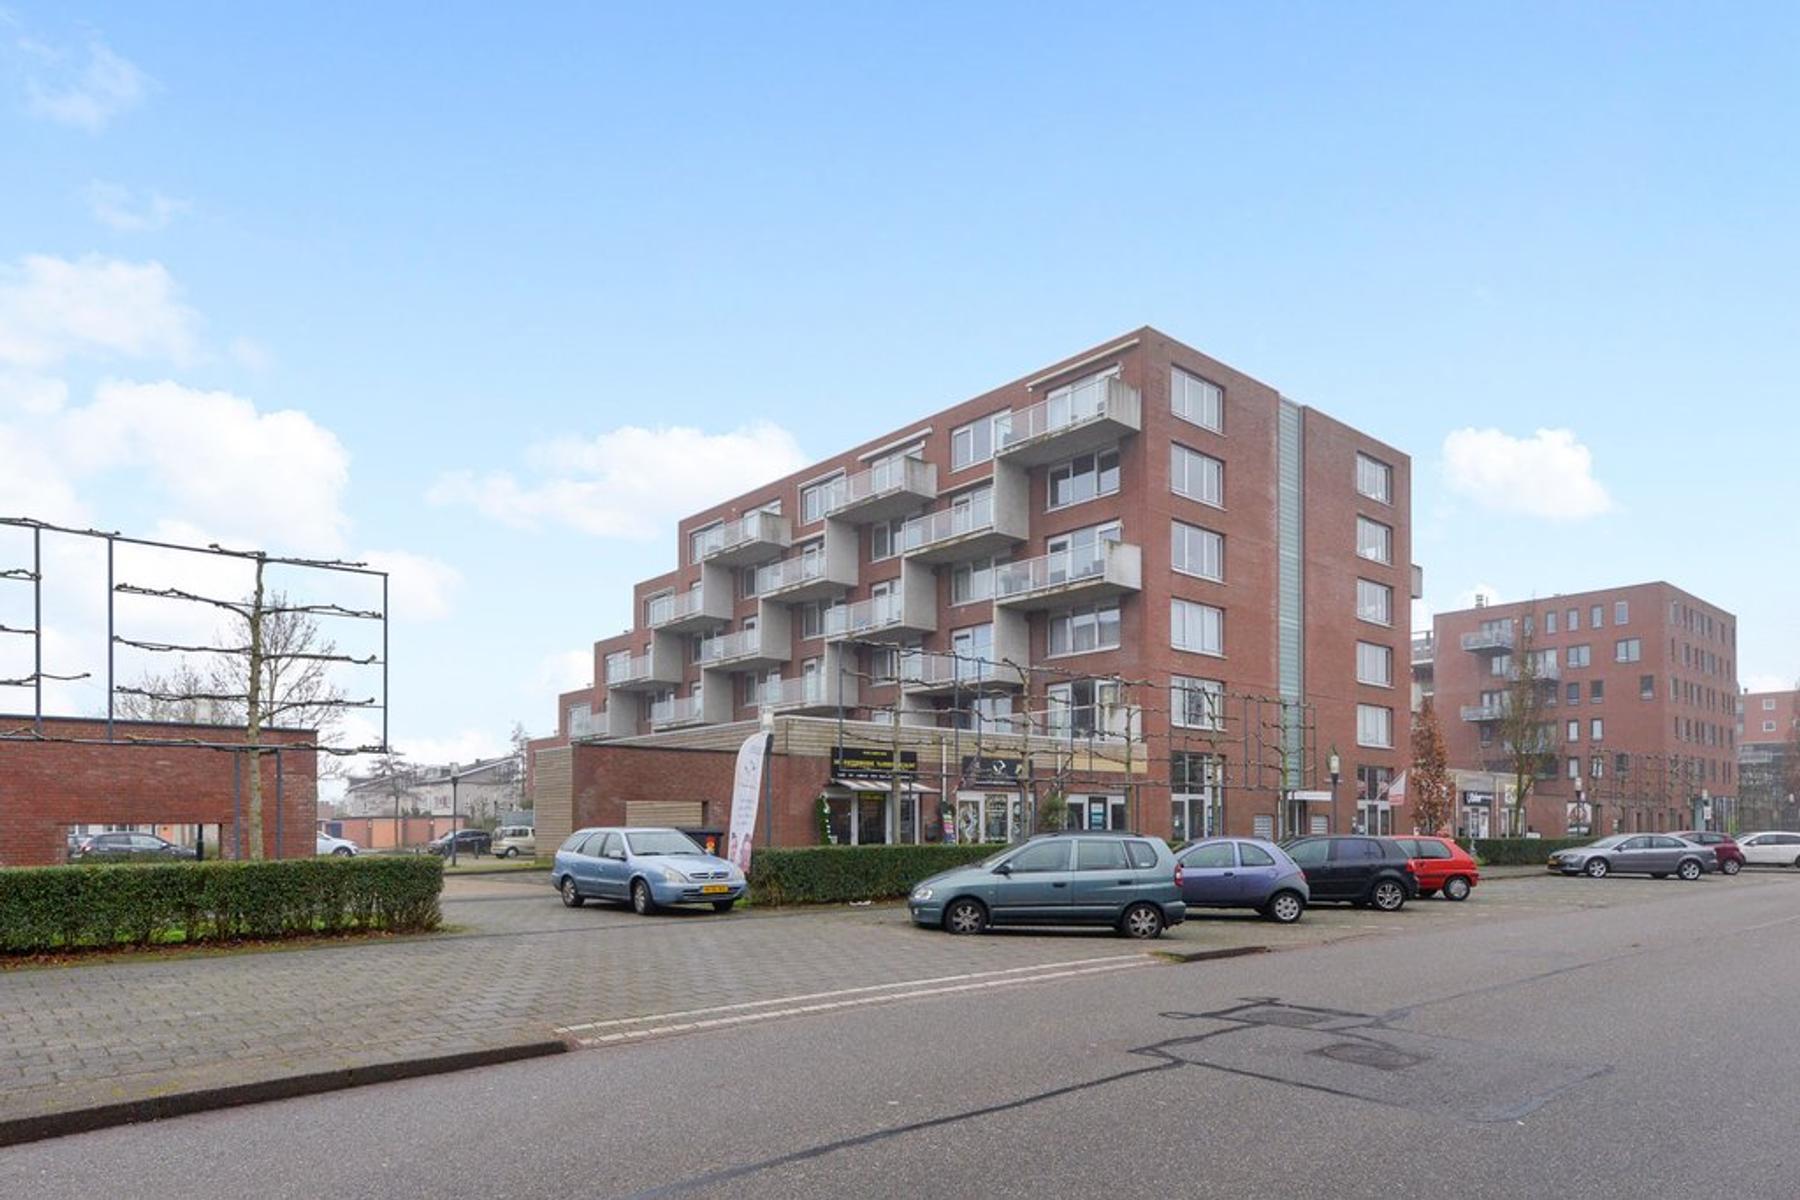 Dijkmanschans 174 in Zoetermeer 2728 GK